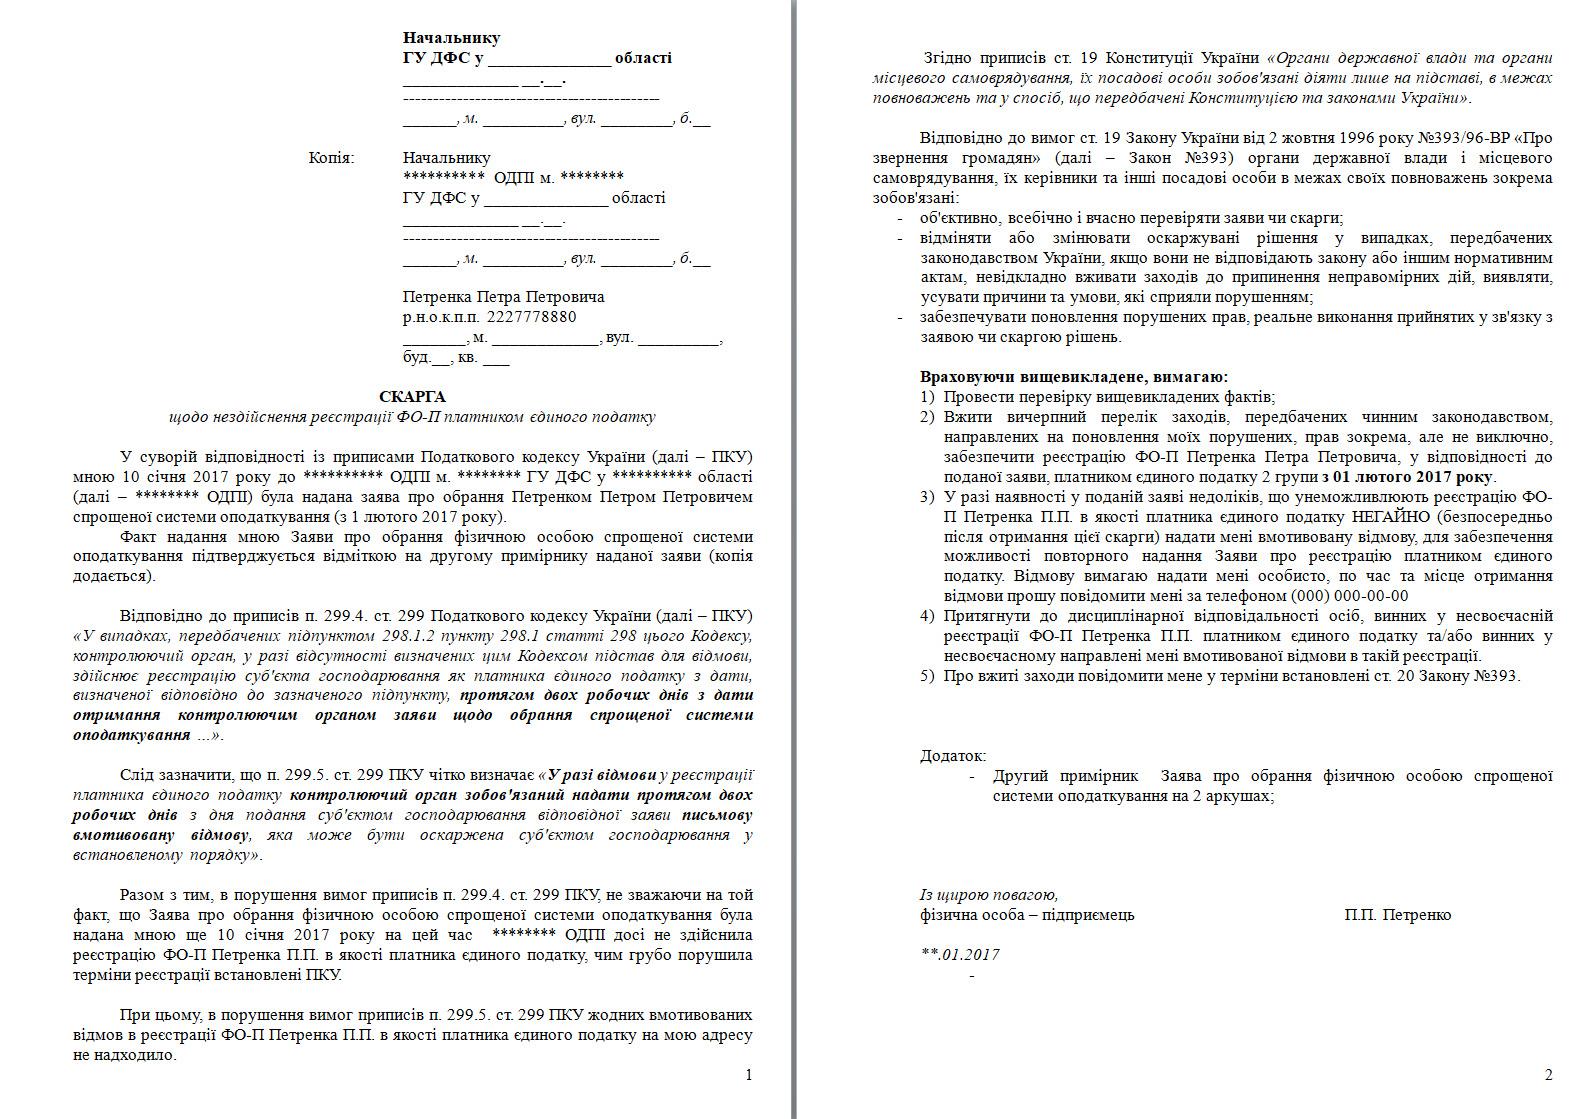 Як написати скаргу на неправомірні дії податкової щодо платника єдиного податку